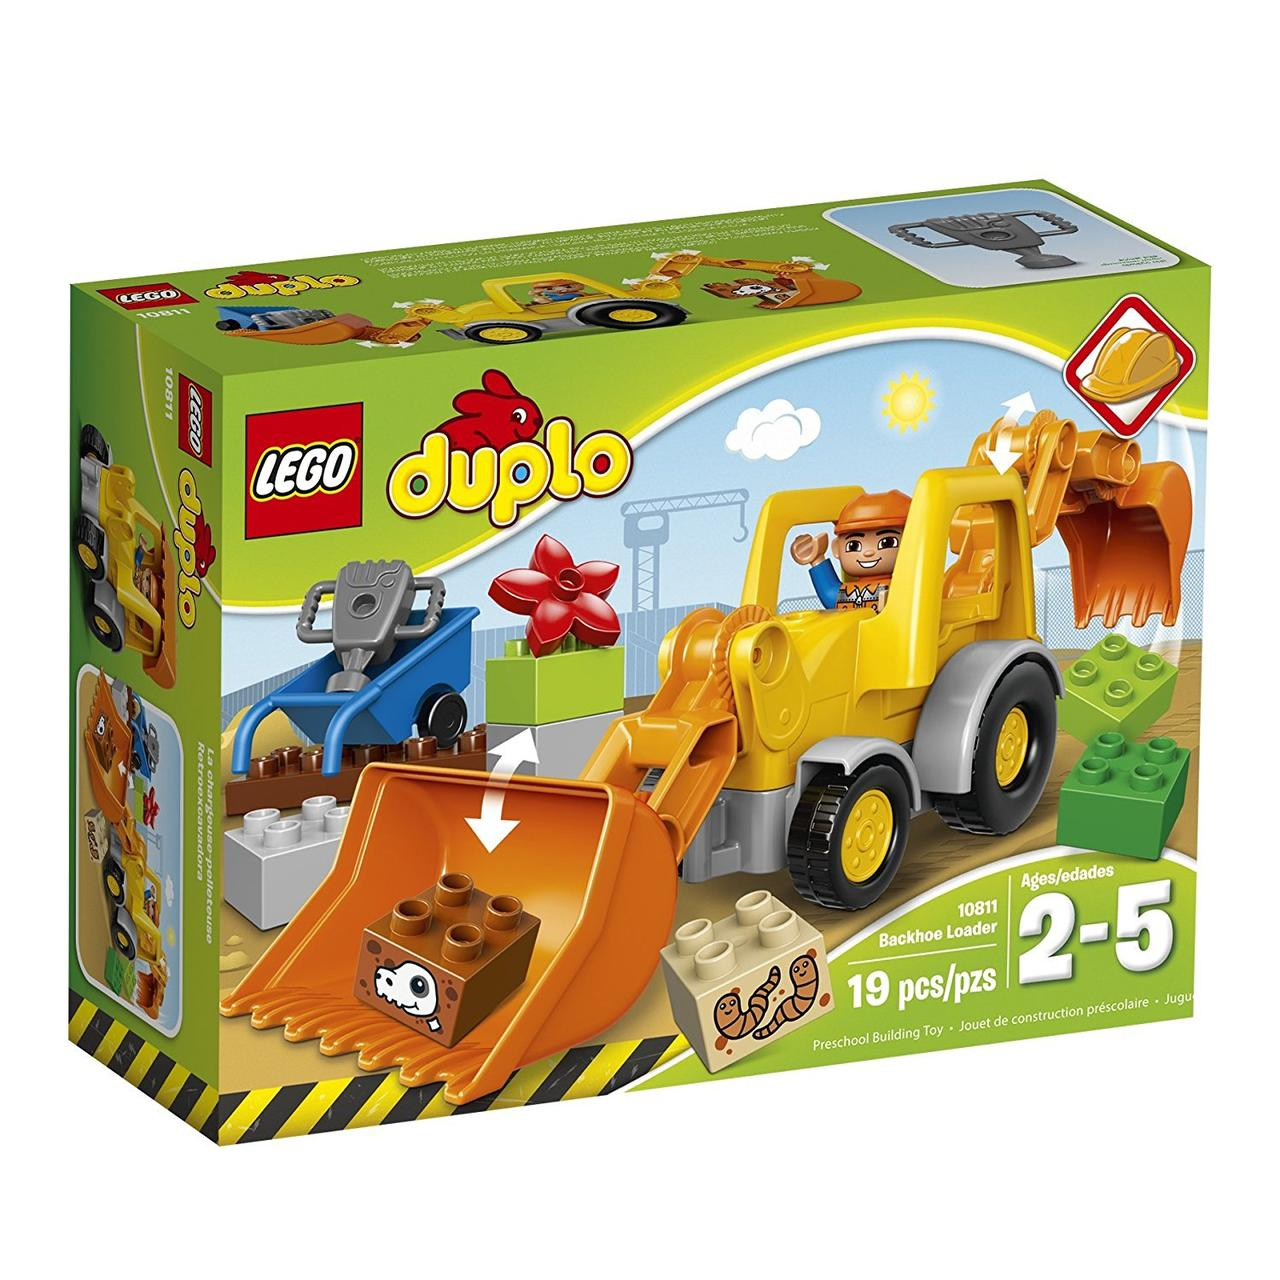 9f5011cb593 Конструктор Лего Дупло Экскаватор-погрузчик 10811 (19 дет)/LEGO DUPLO Town  Backhoe